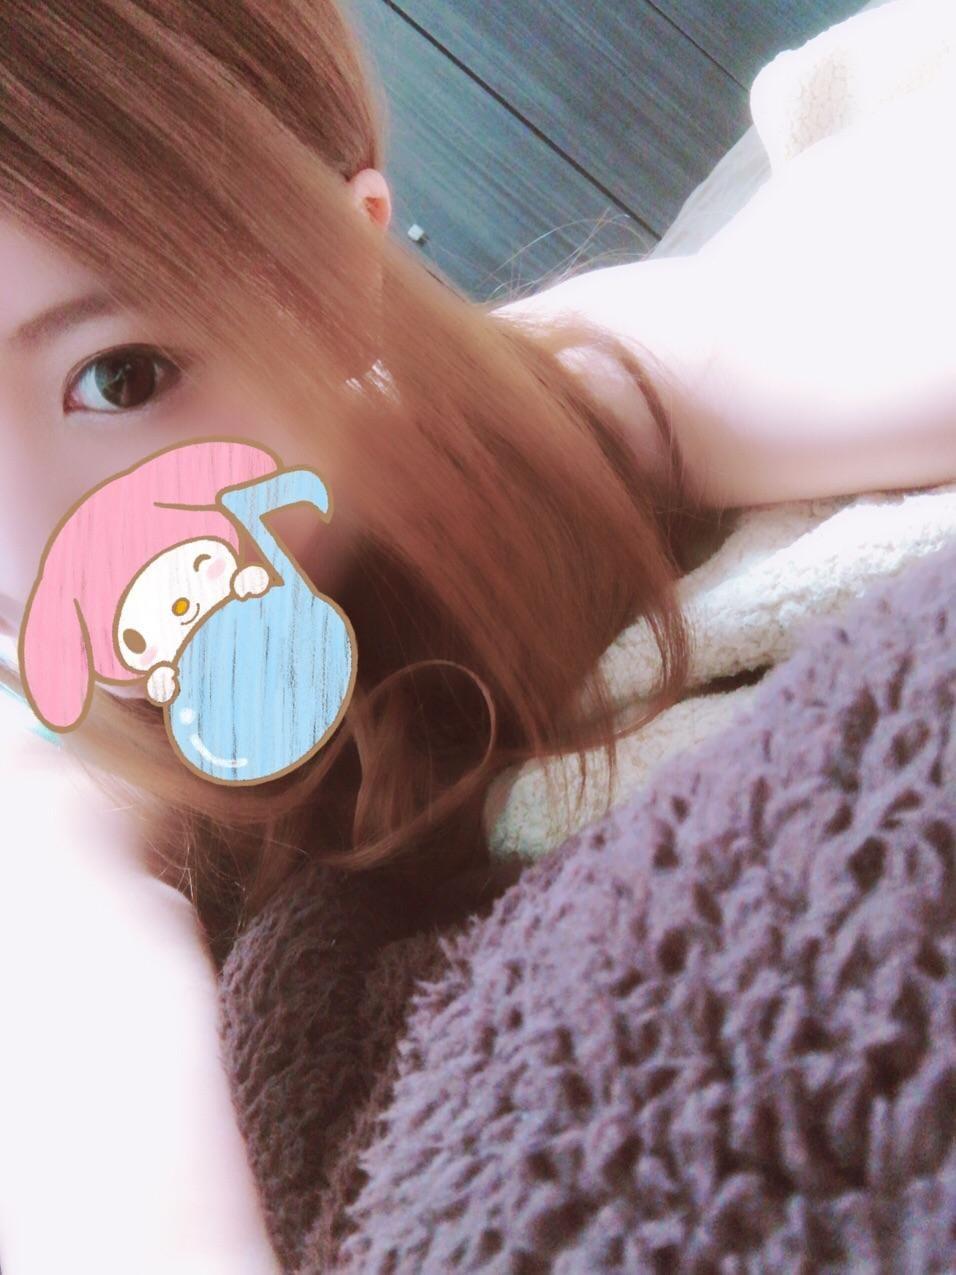 「2つも」08/16(木) 20:08 | かりんの写メ・風俗動画